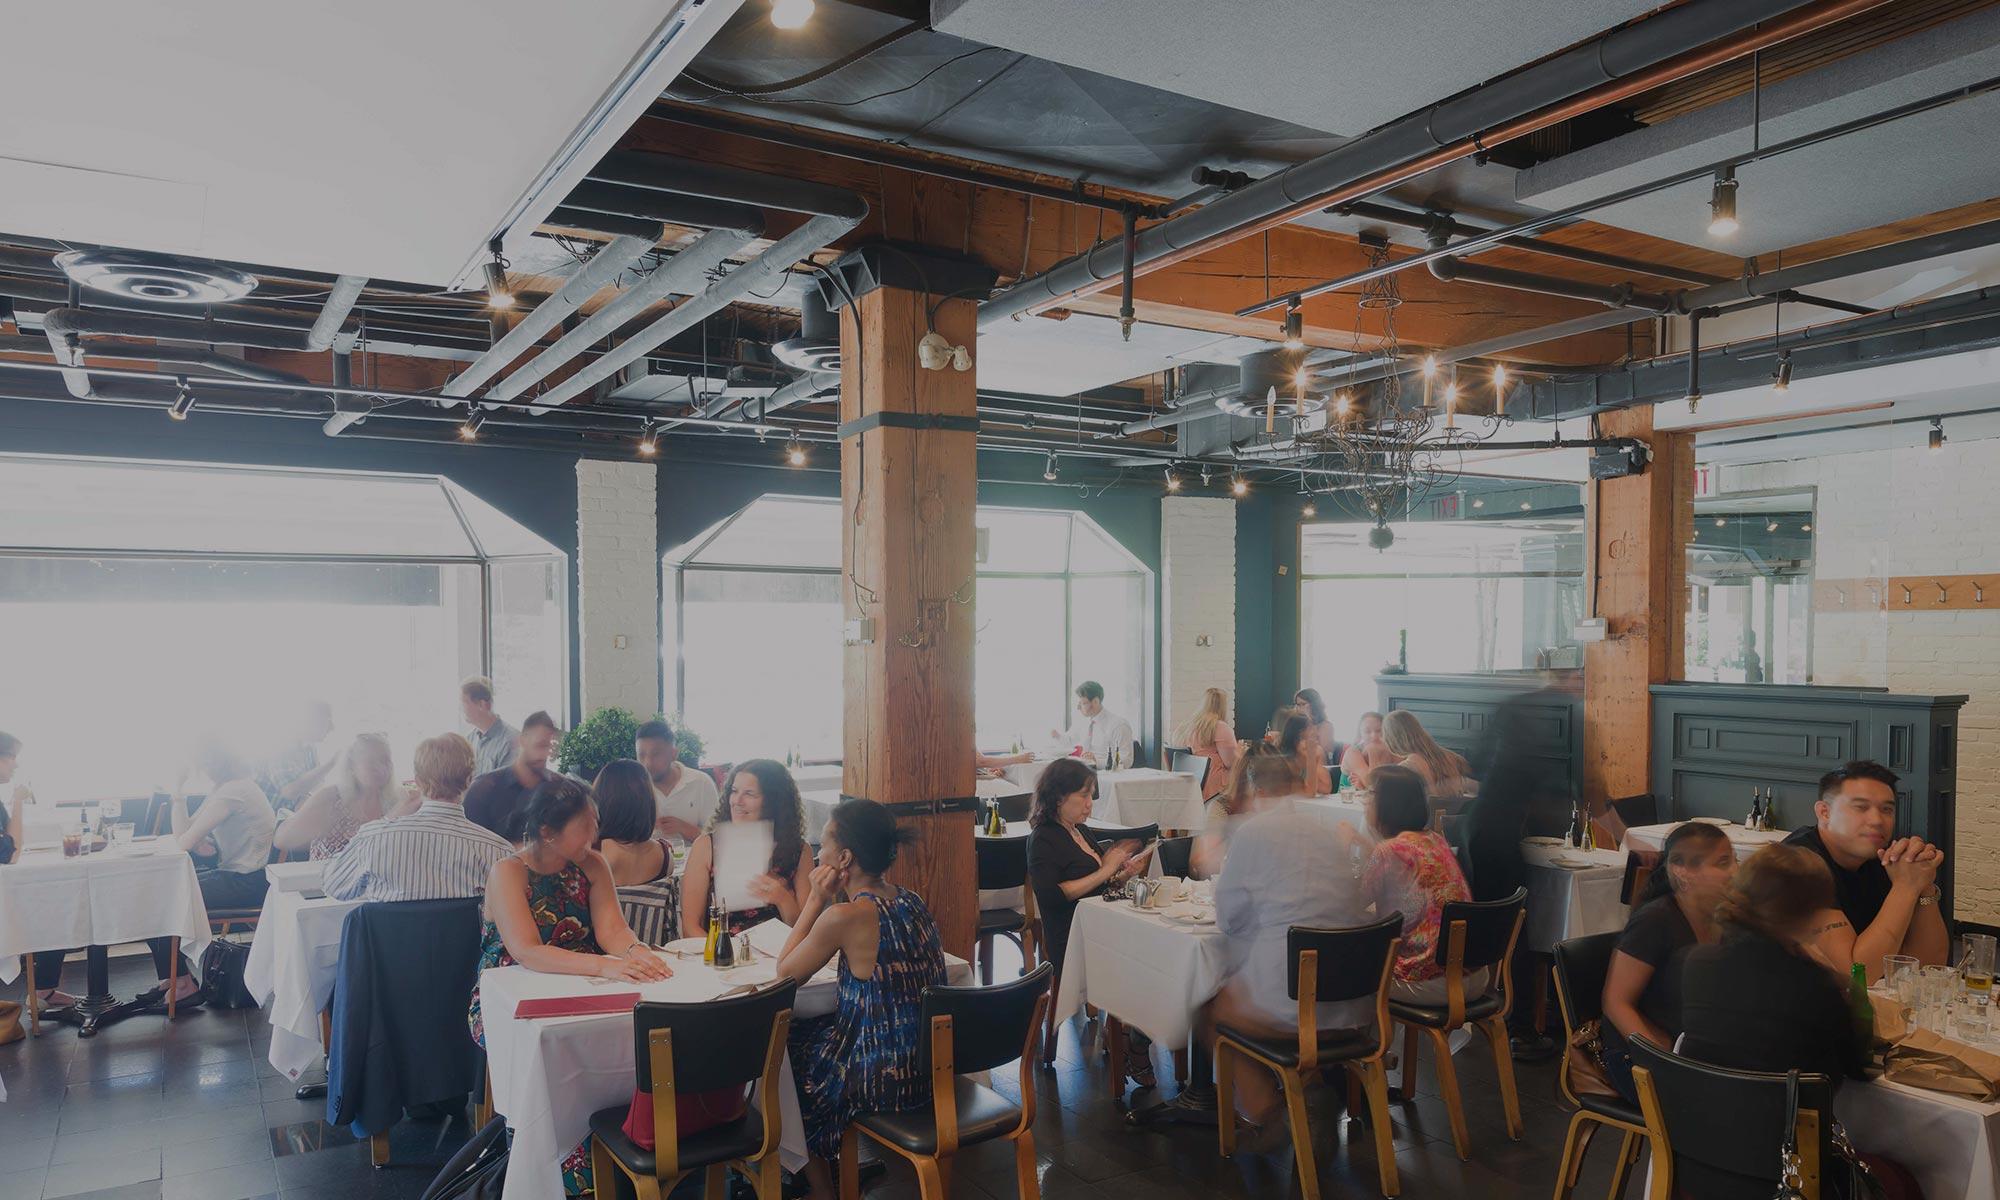 Il Fornello Dining Room